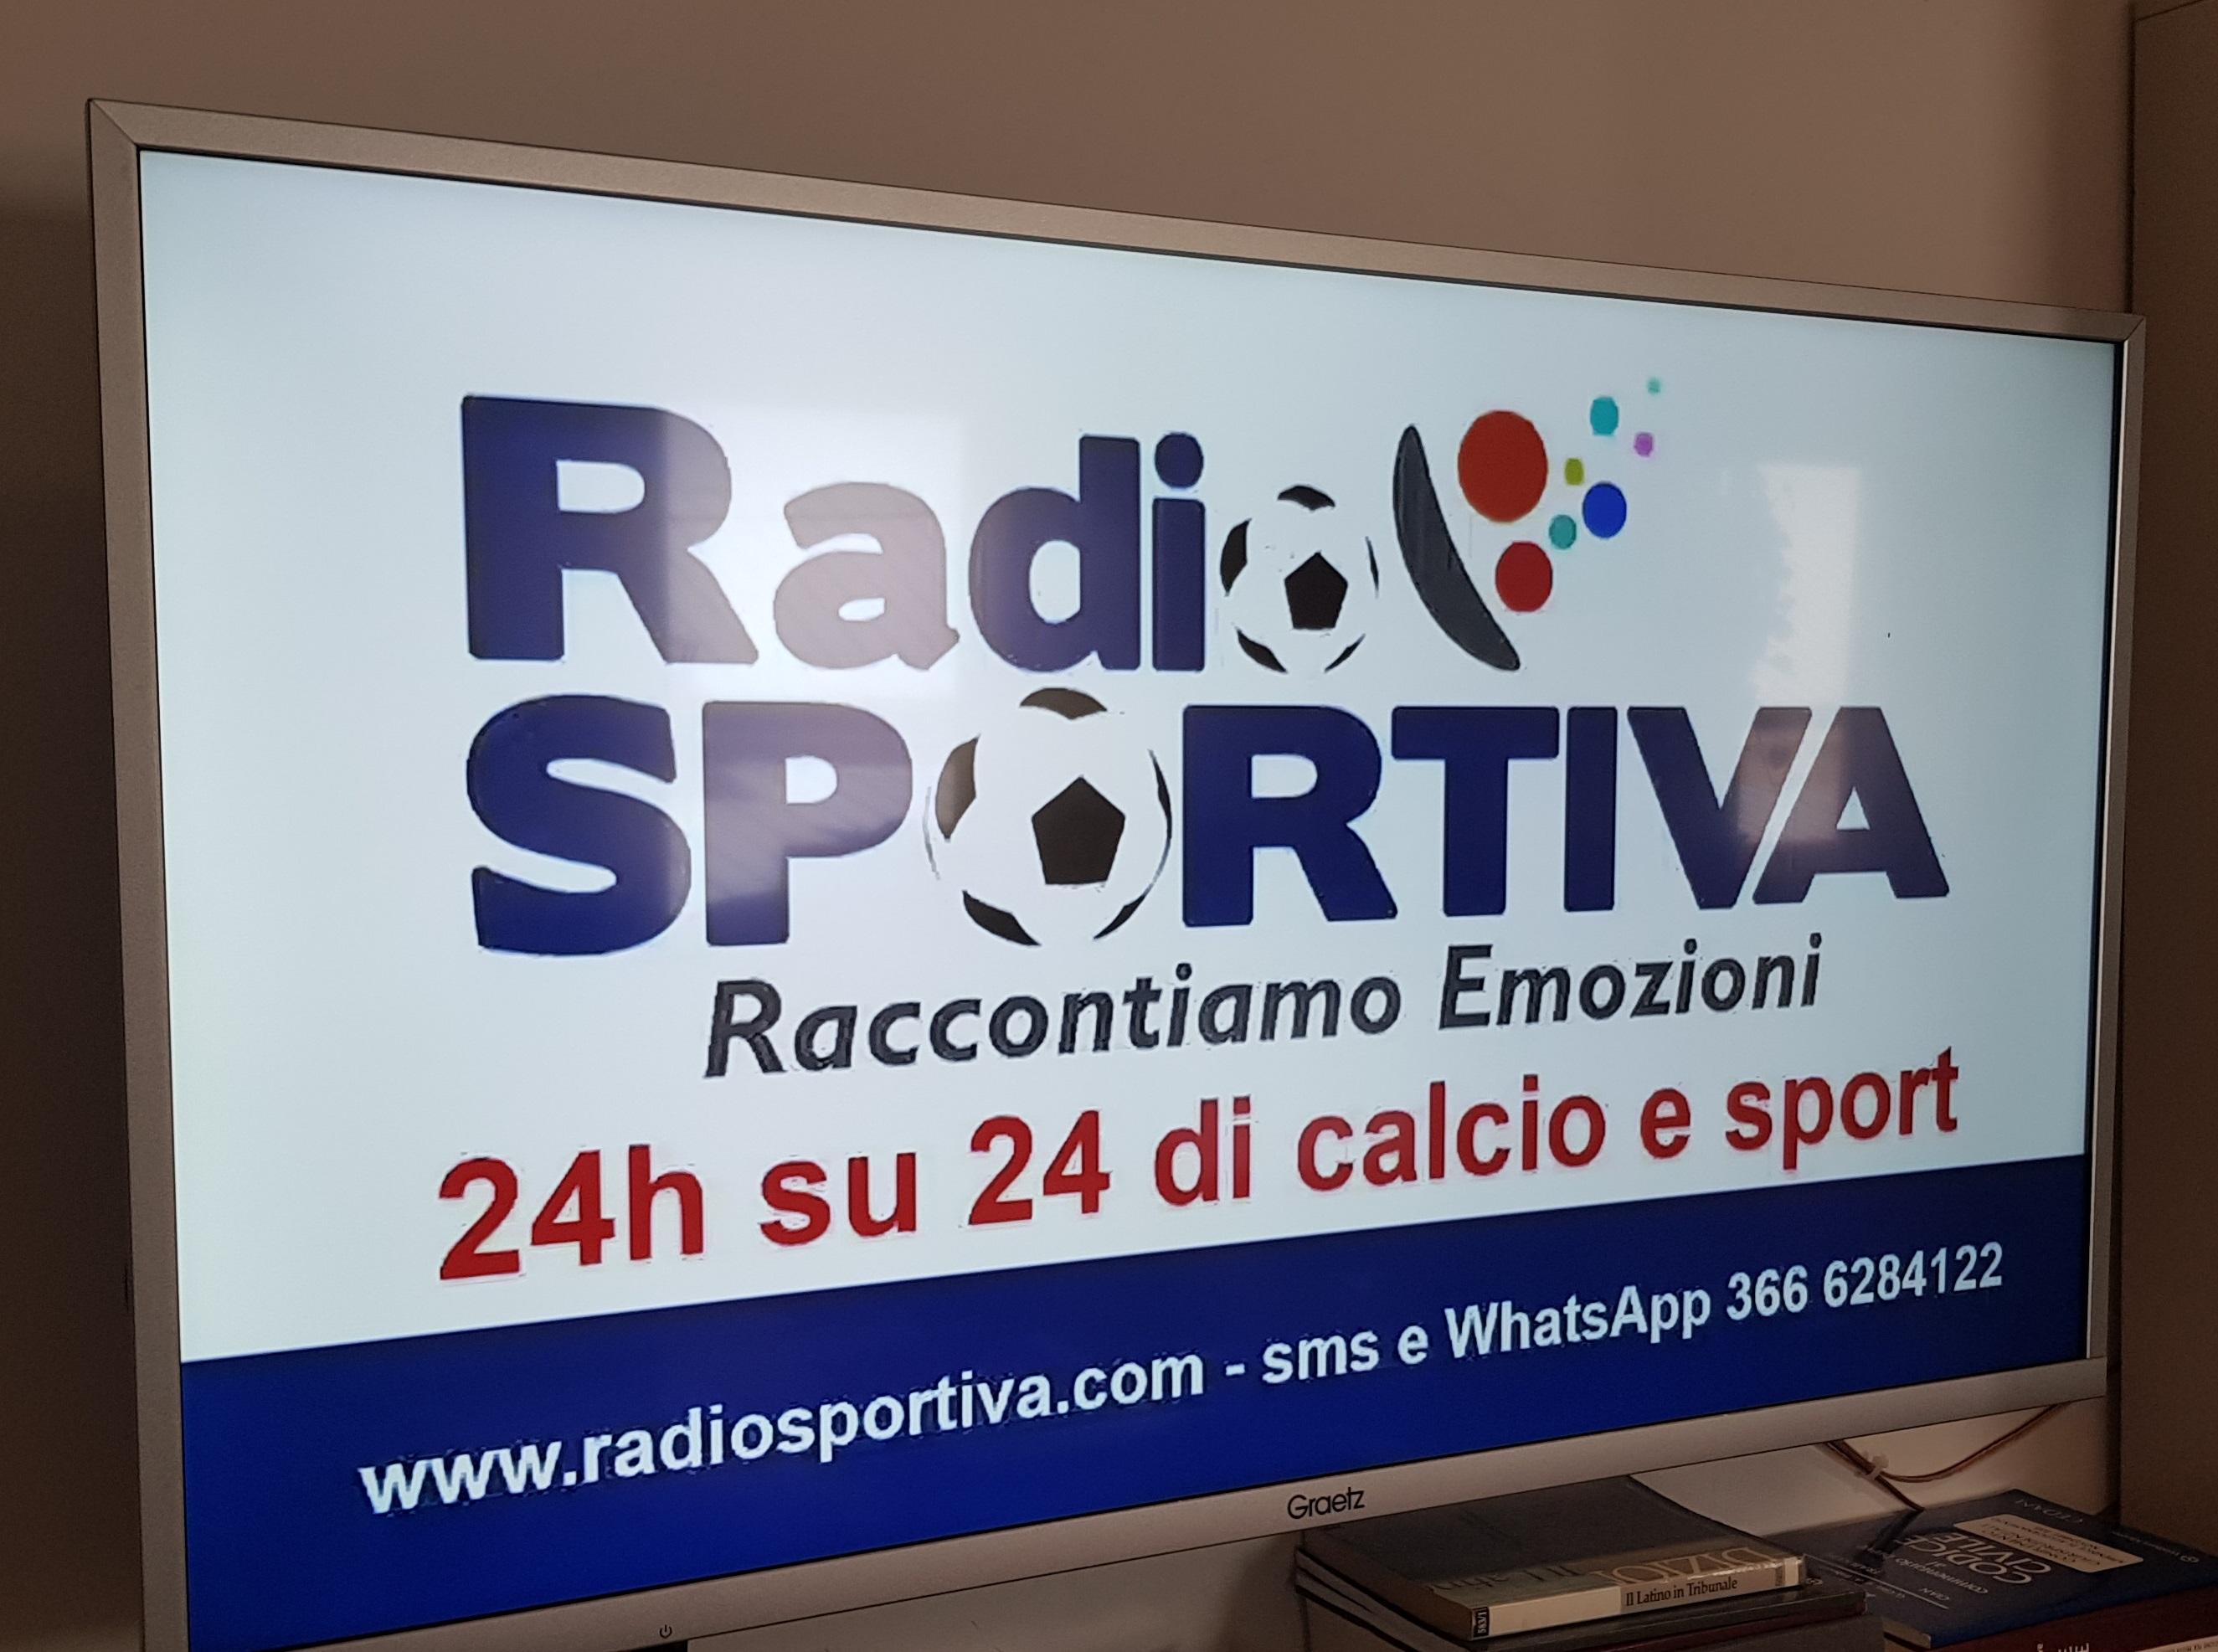 Radio Sportiva Tv - Radio Tv 4.0. Anche Radio Manbassa Tv in Lombardia sul canale 655. Intanto un po' ovunque si sta riassestando il quadro LCN